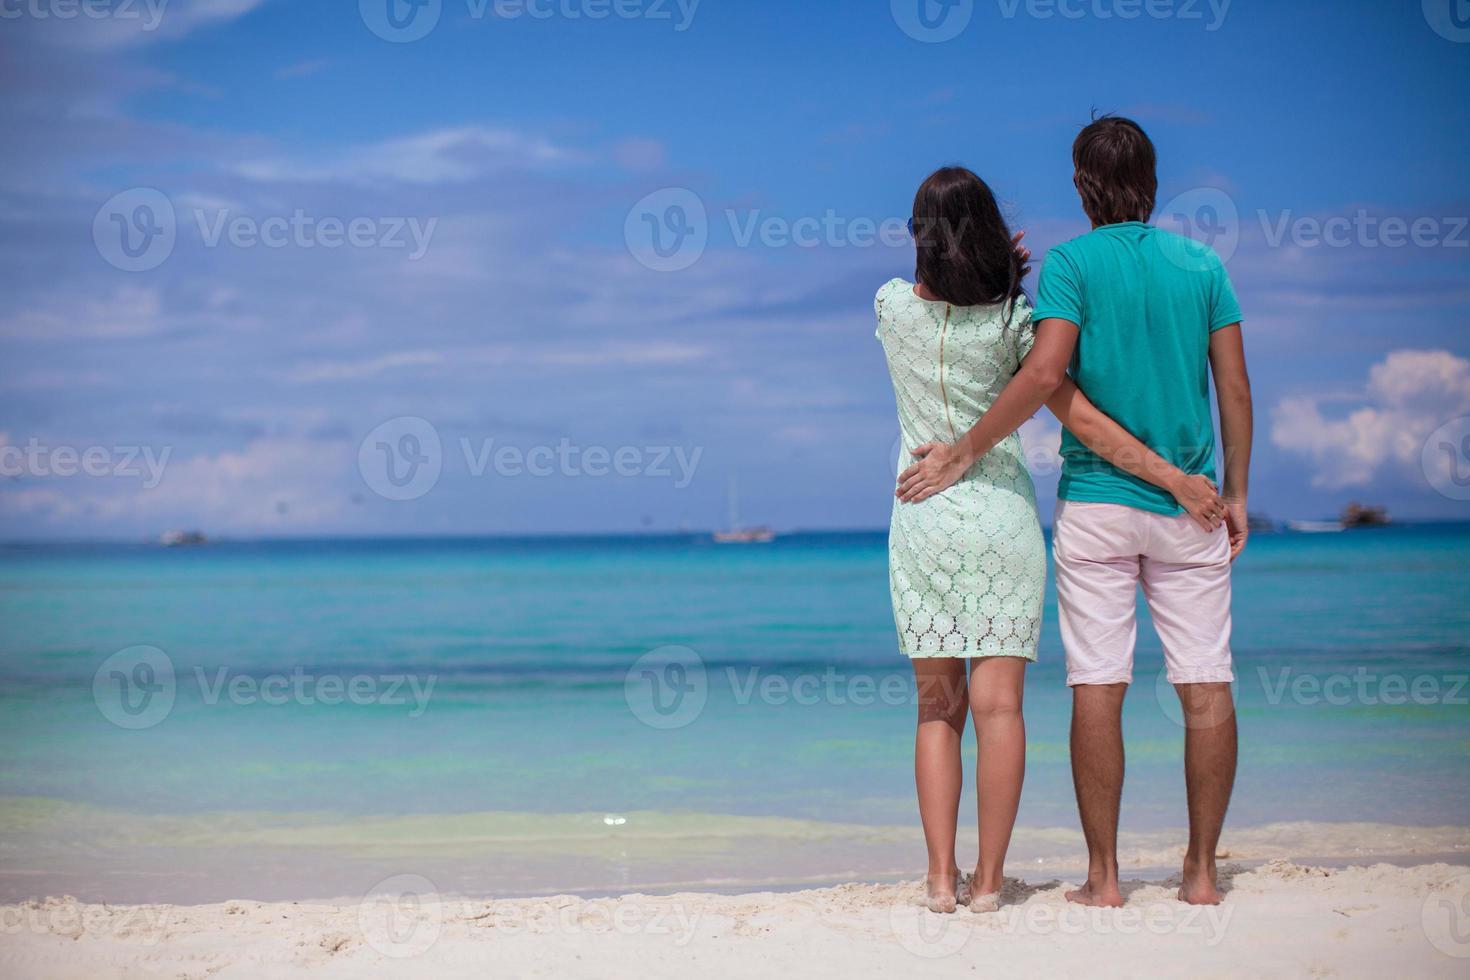 jovem casal amando um ao outro na praia de areia branca foto